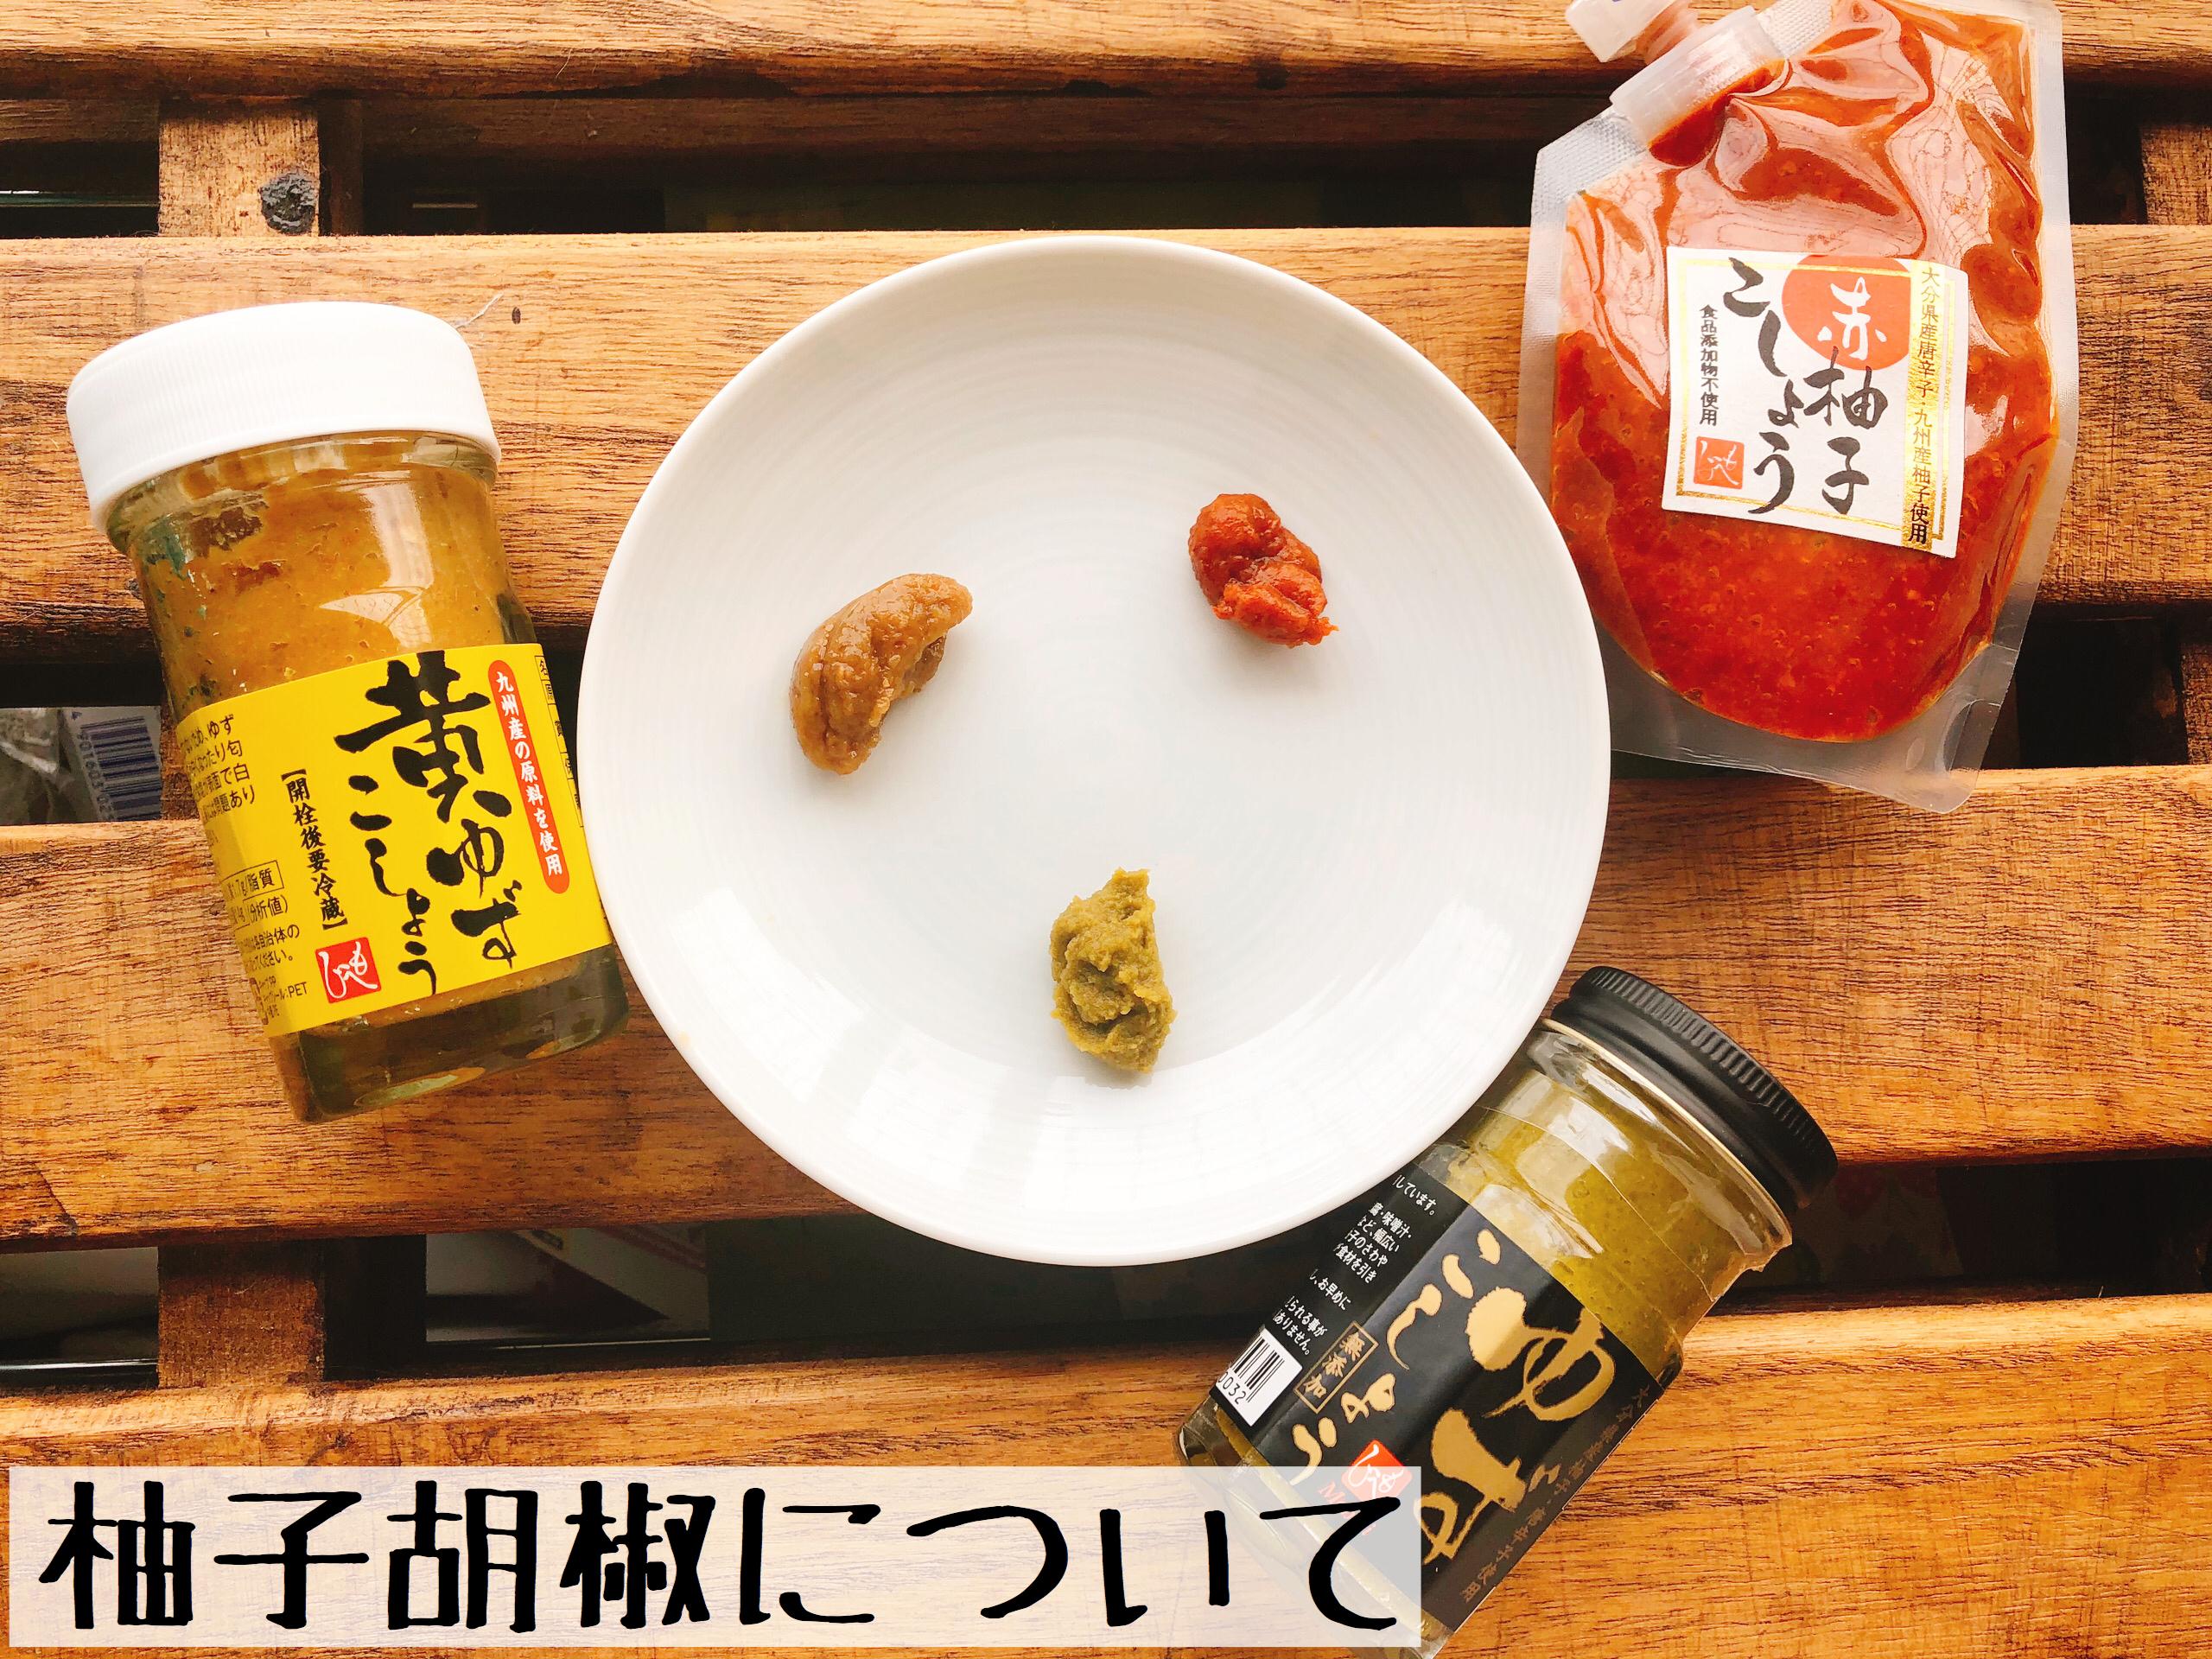 柚子胡椒について